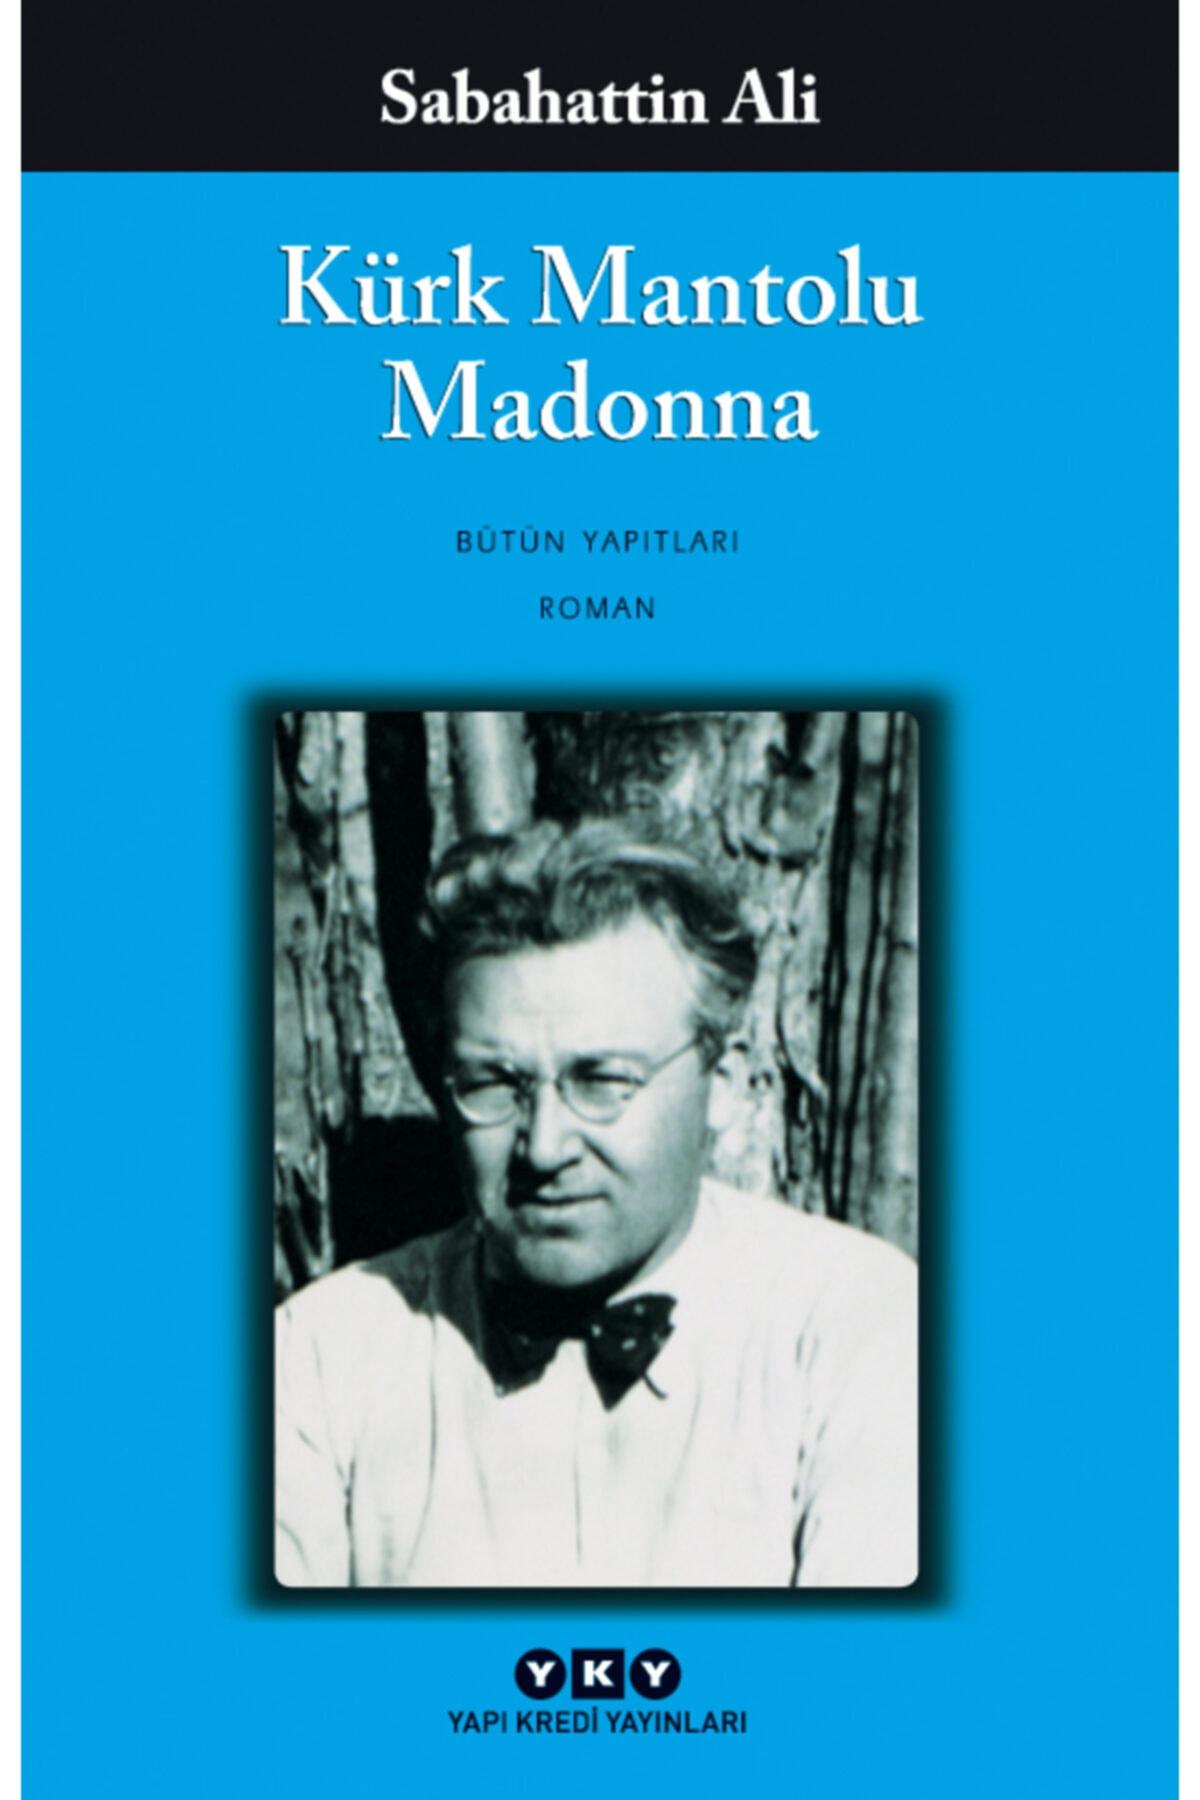 Yapı Kredi Yayınları Sabahattin Ali - Kürk Mantolu Madonna 1